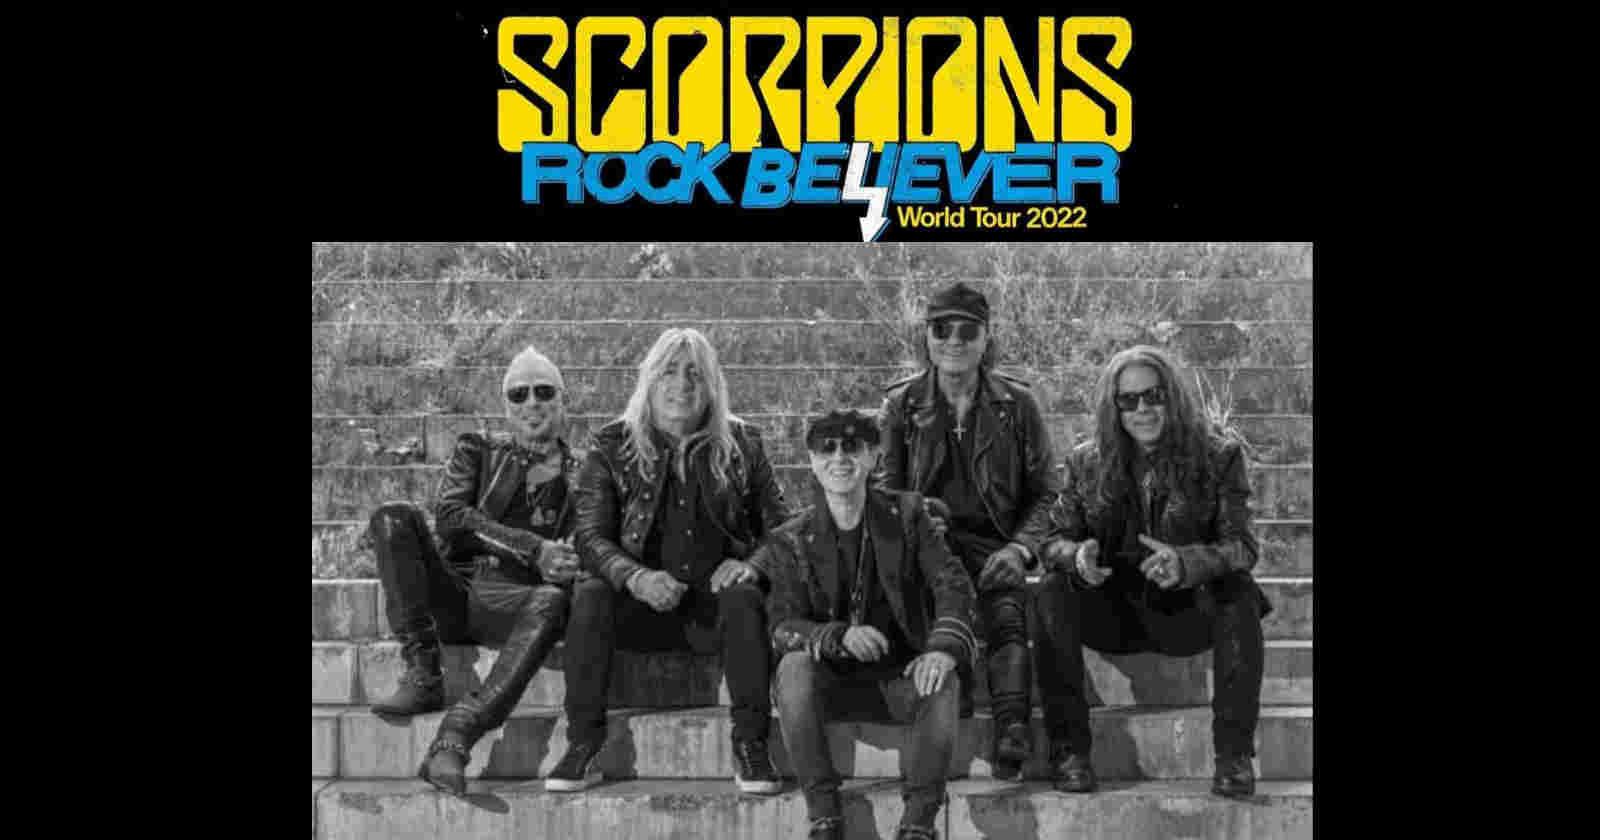 Scorpions Rock Believer